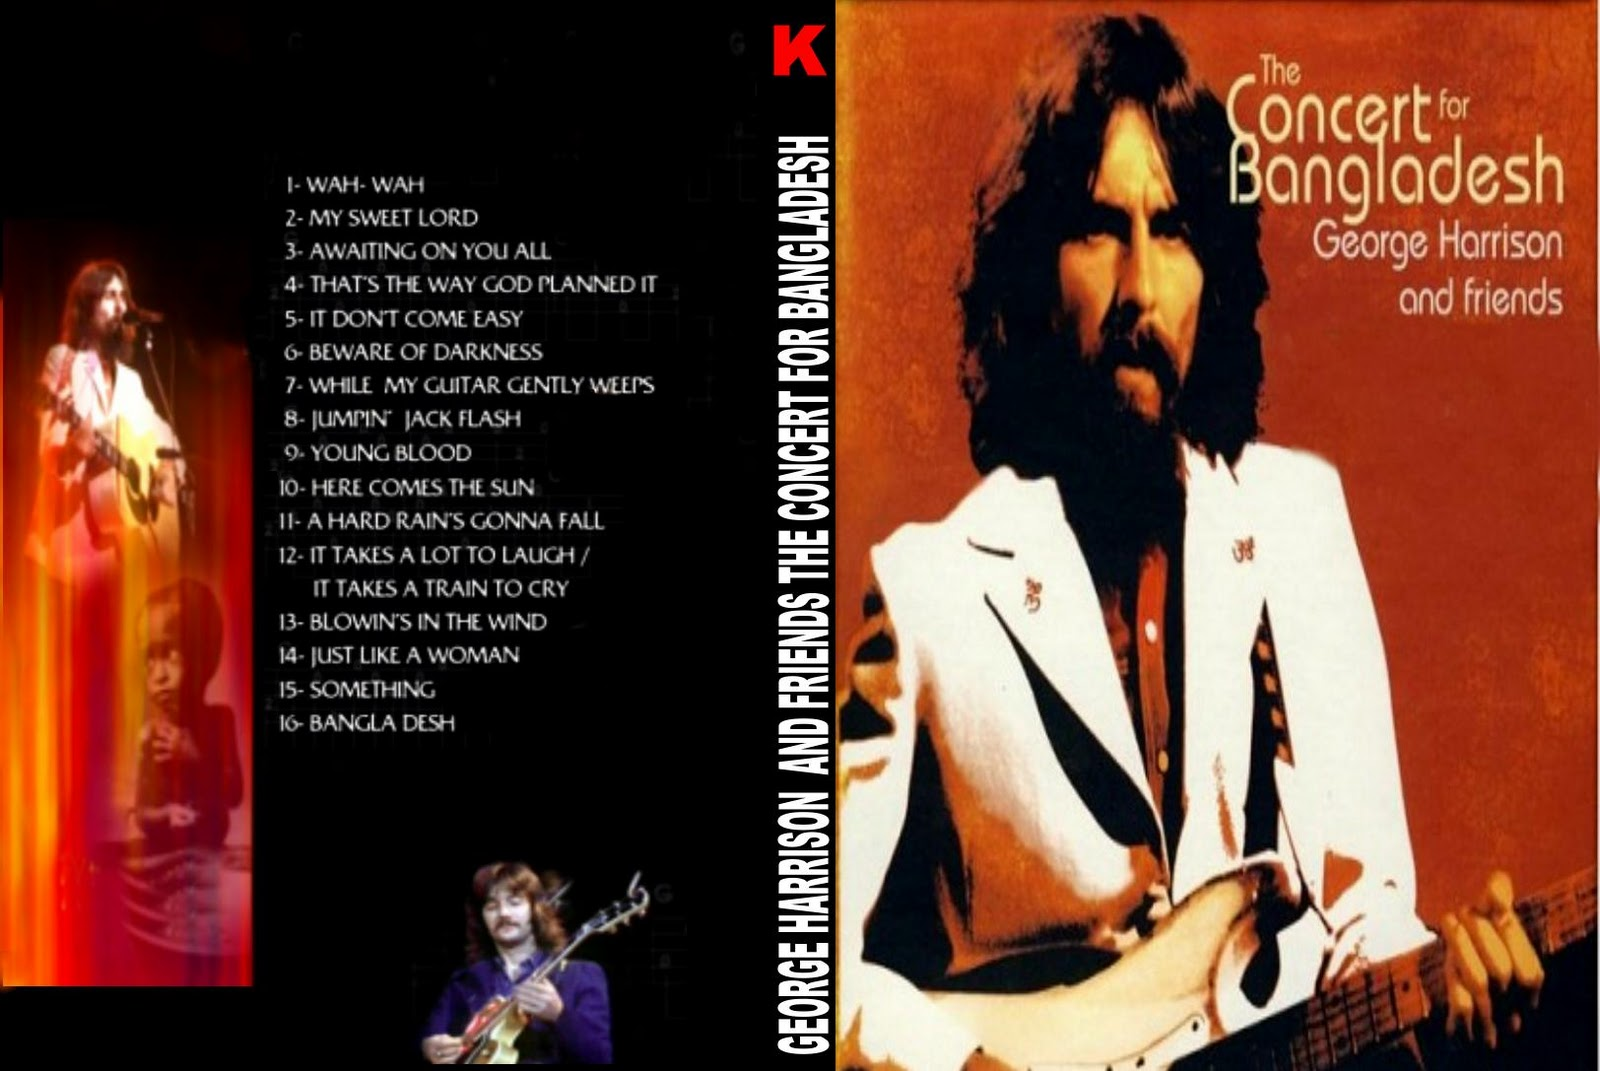 http://1.bp.blogspot.com/_dpj8cXZxGgs/TOGREfGn7vI/AAAAAAAAANw/GK9ULz0coUo/s1600/George-Harrison-The-Concert-For-Bangladesh-2005.JPG